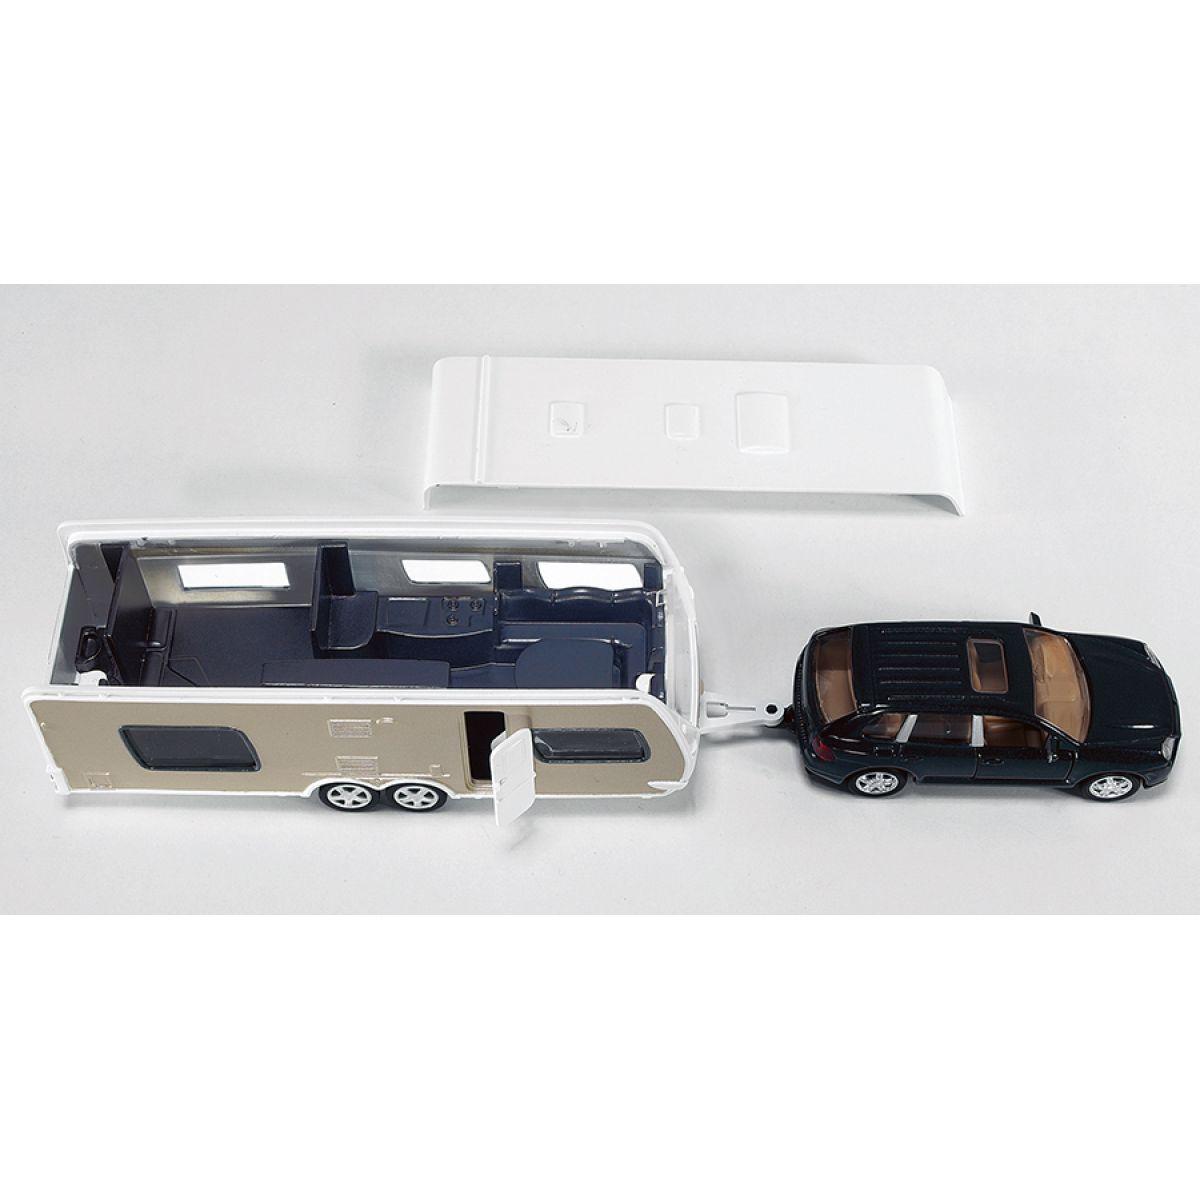 Siku Super 2542 Auto s obytným přívěsem #2